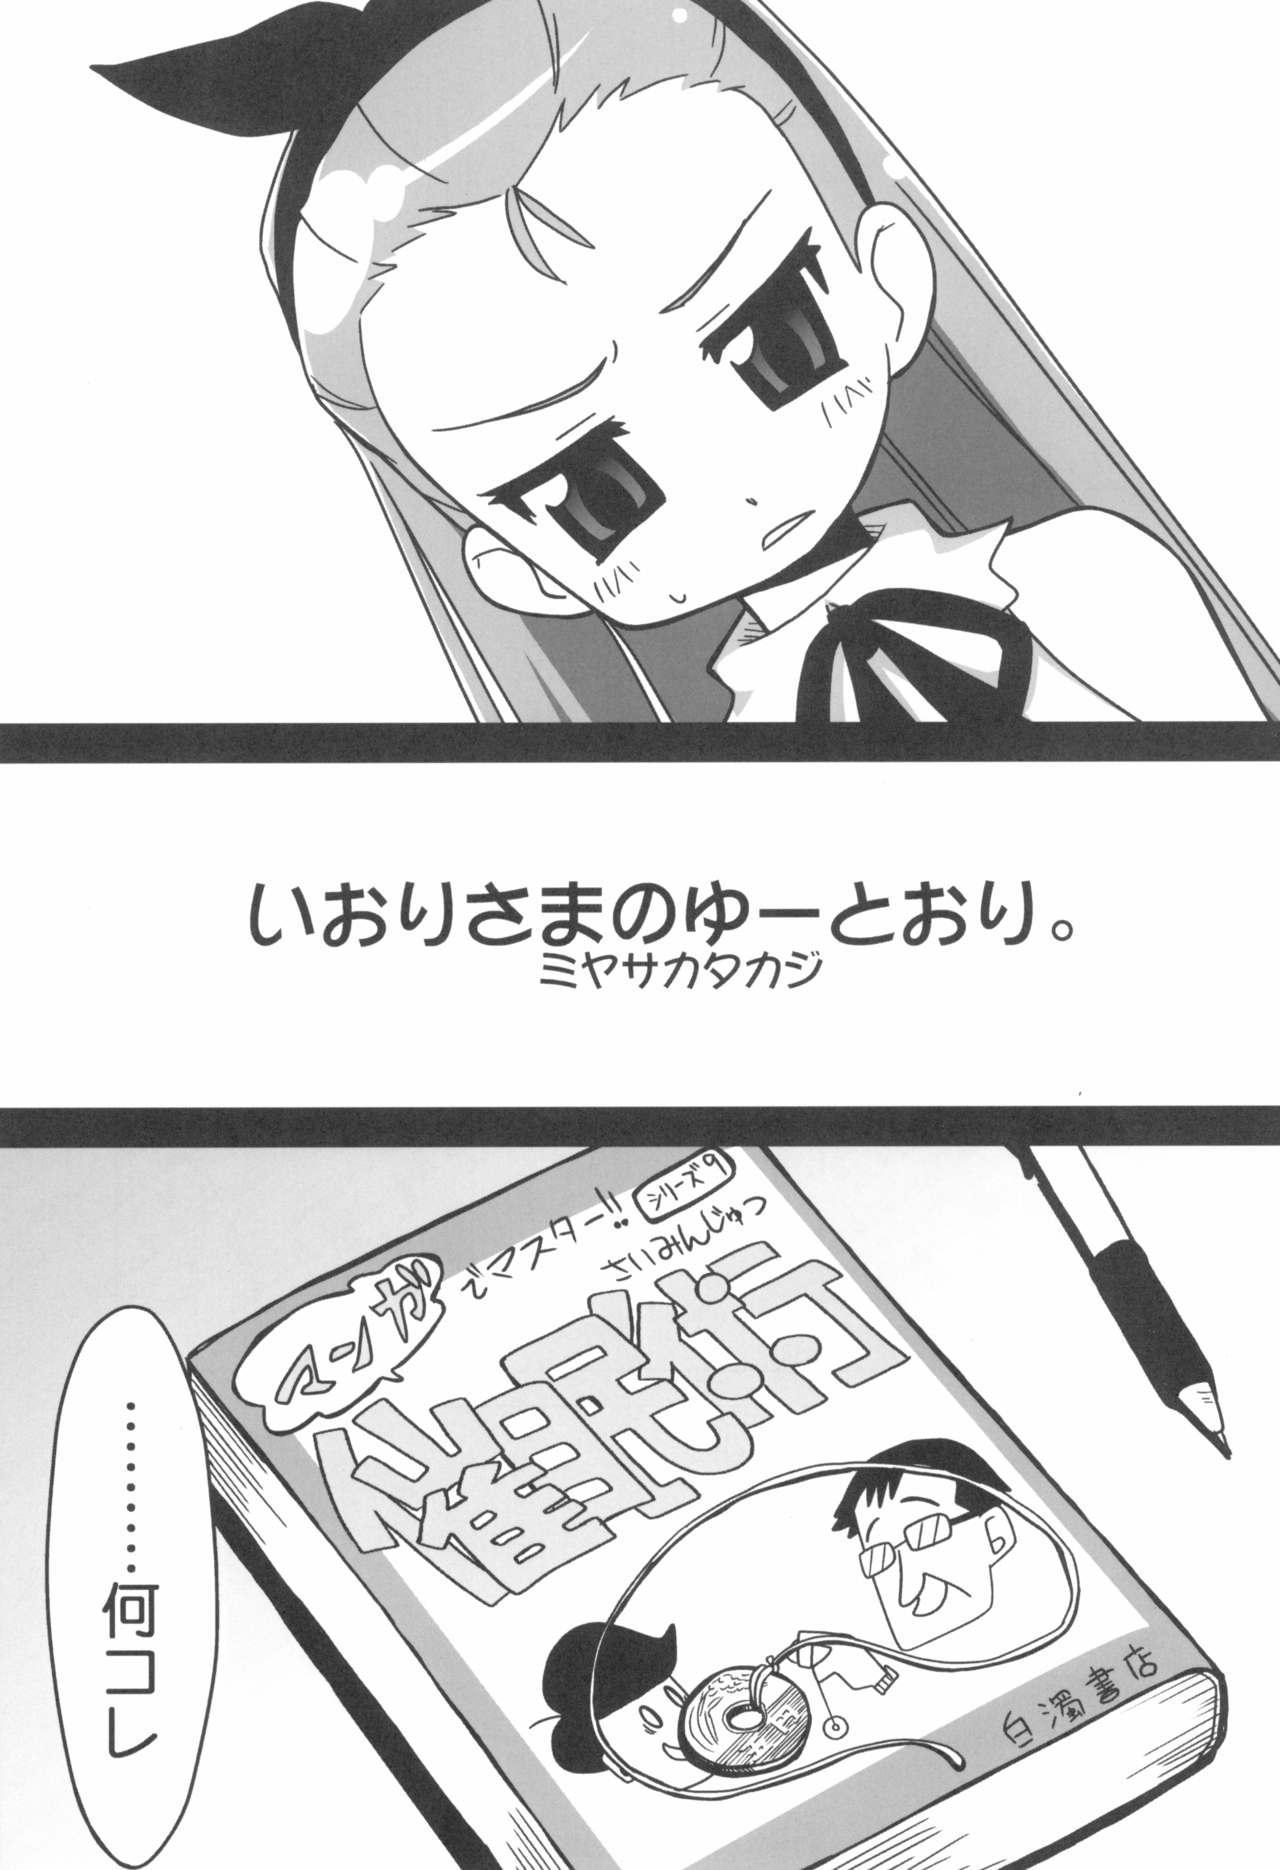 (CT14) [Shichiten Battou (Miyasaka Takaji)] Iori-sama no Yu-toori. (THE iDOLM@STER) 2